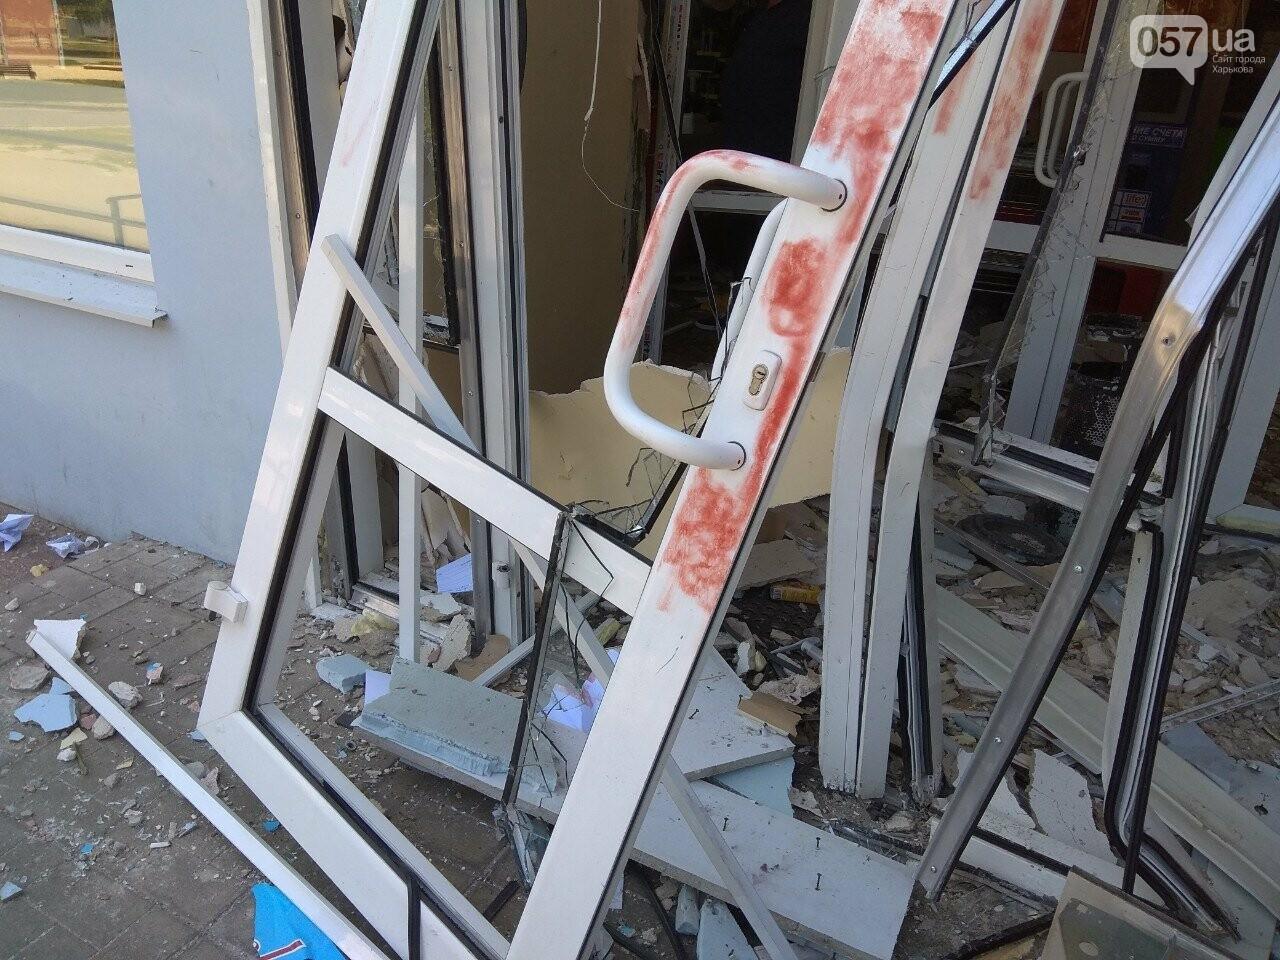 Взрыв банкомата на Алексеевке: неизвестные нанесли магазину убыток на 200 тысяч гривен, - ВИДЕО, фото-2